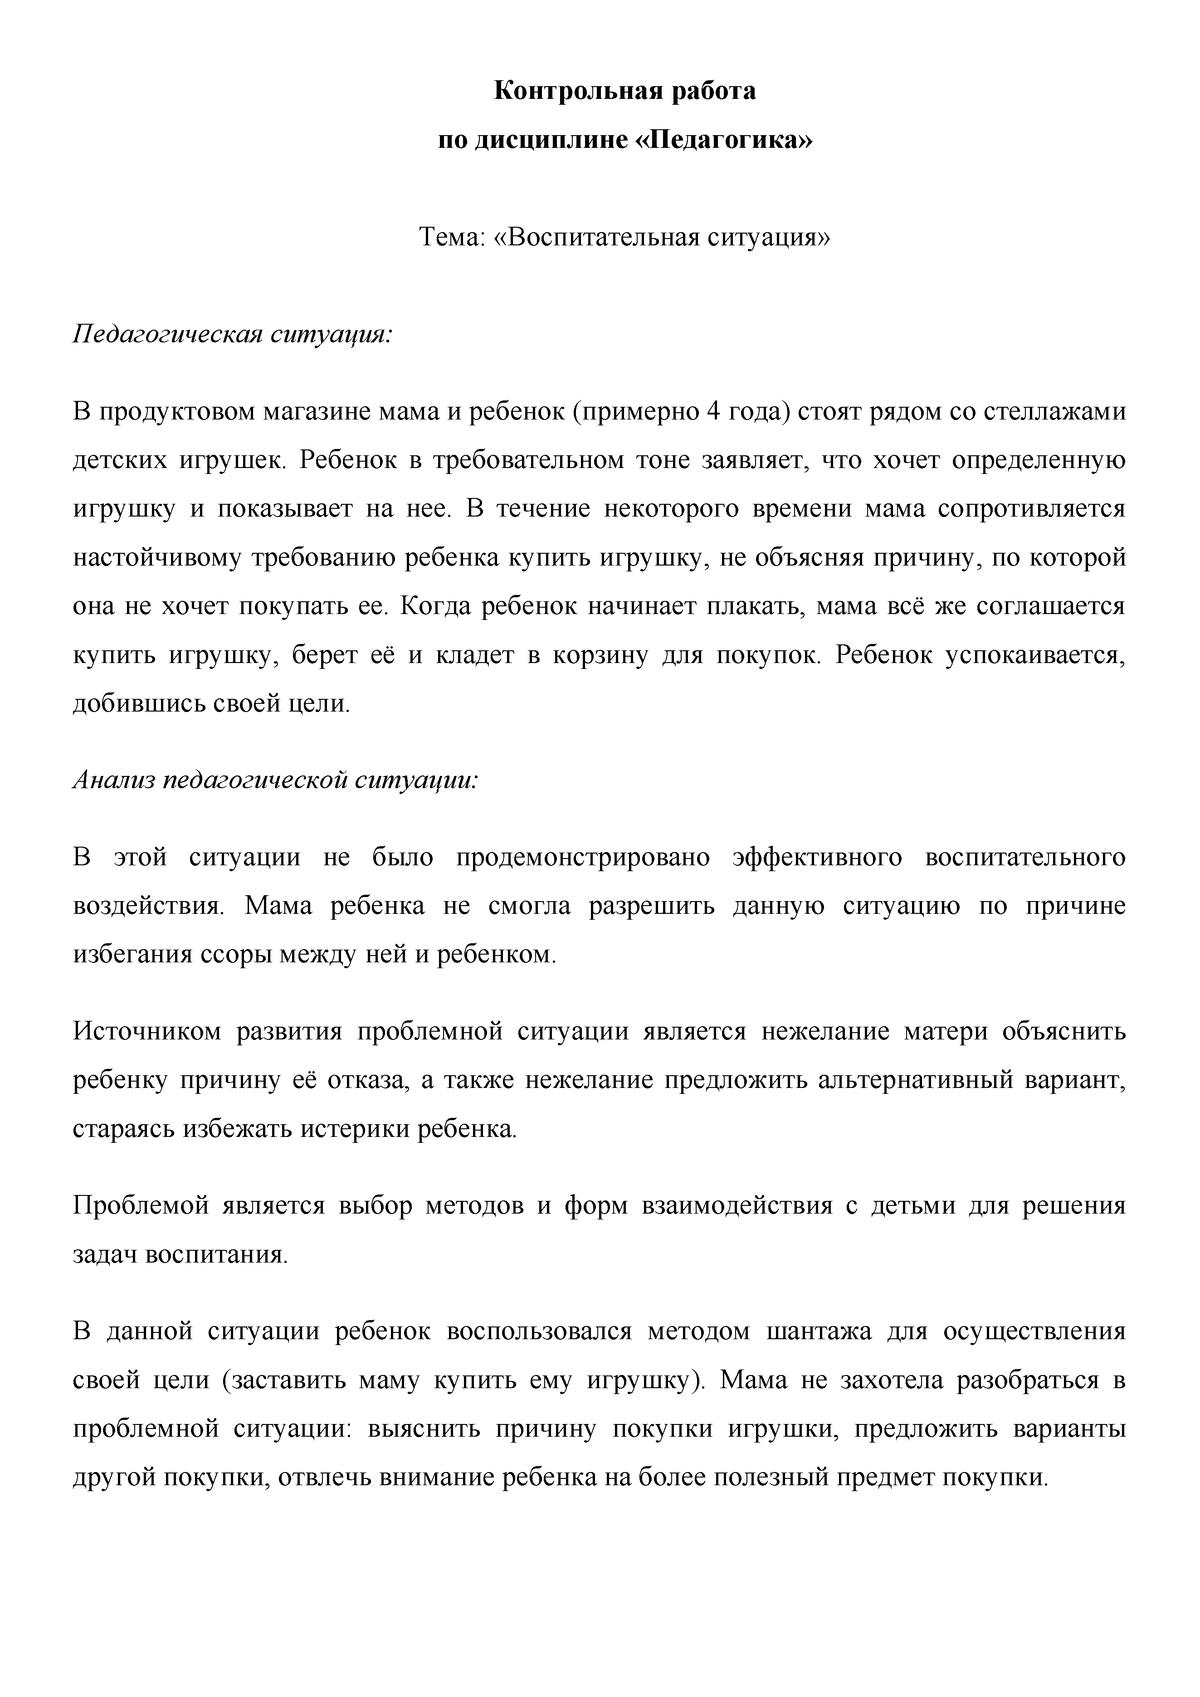 Контрольная работа по дисциплине педагогика 3359